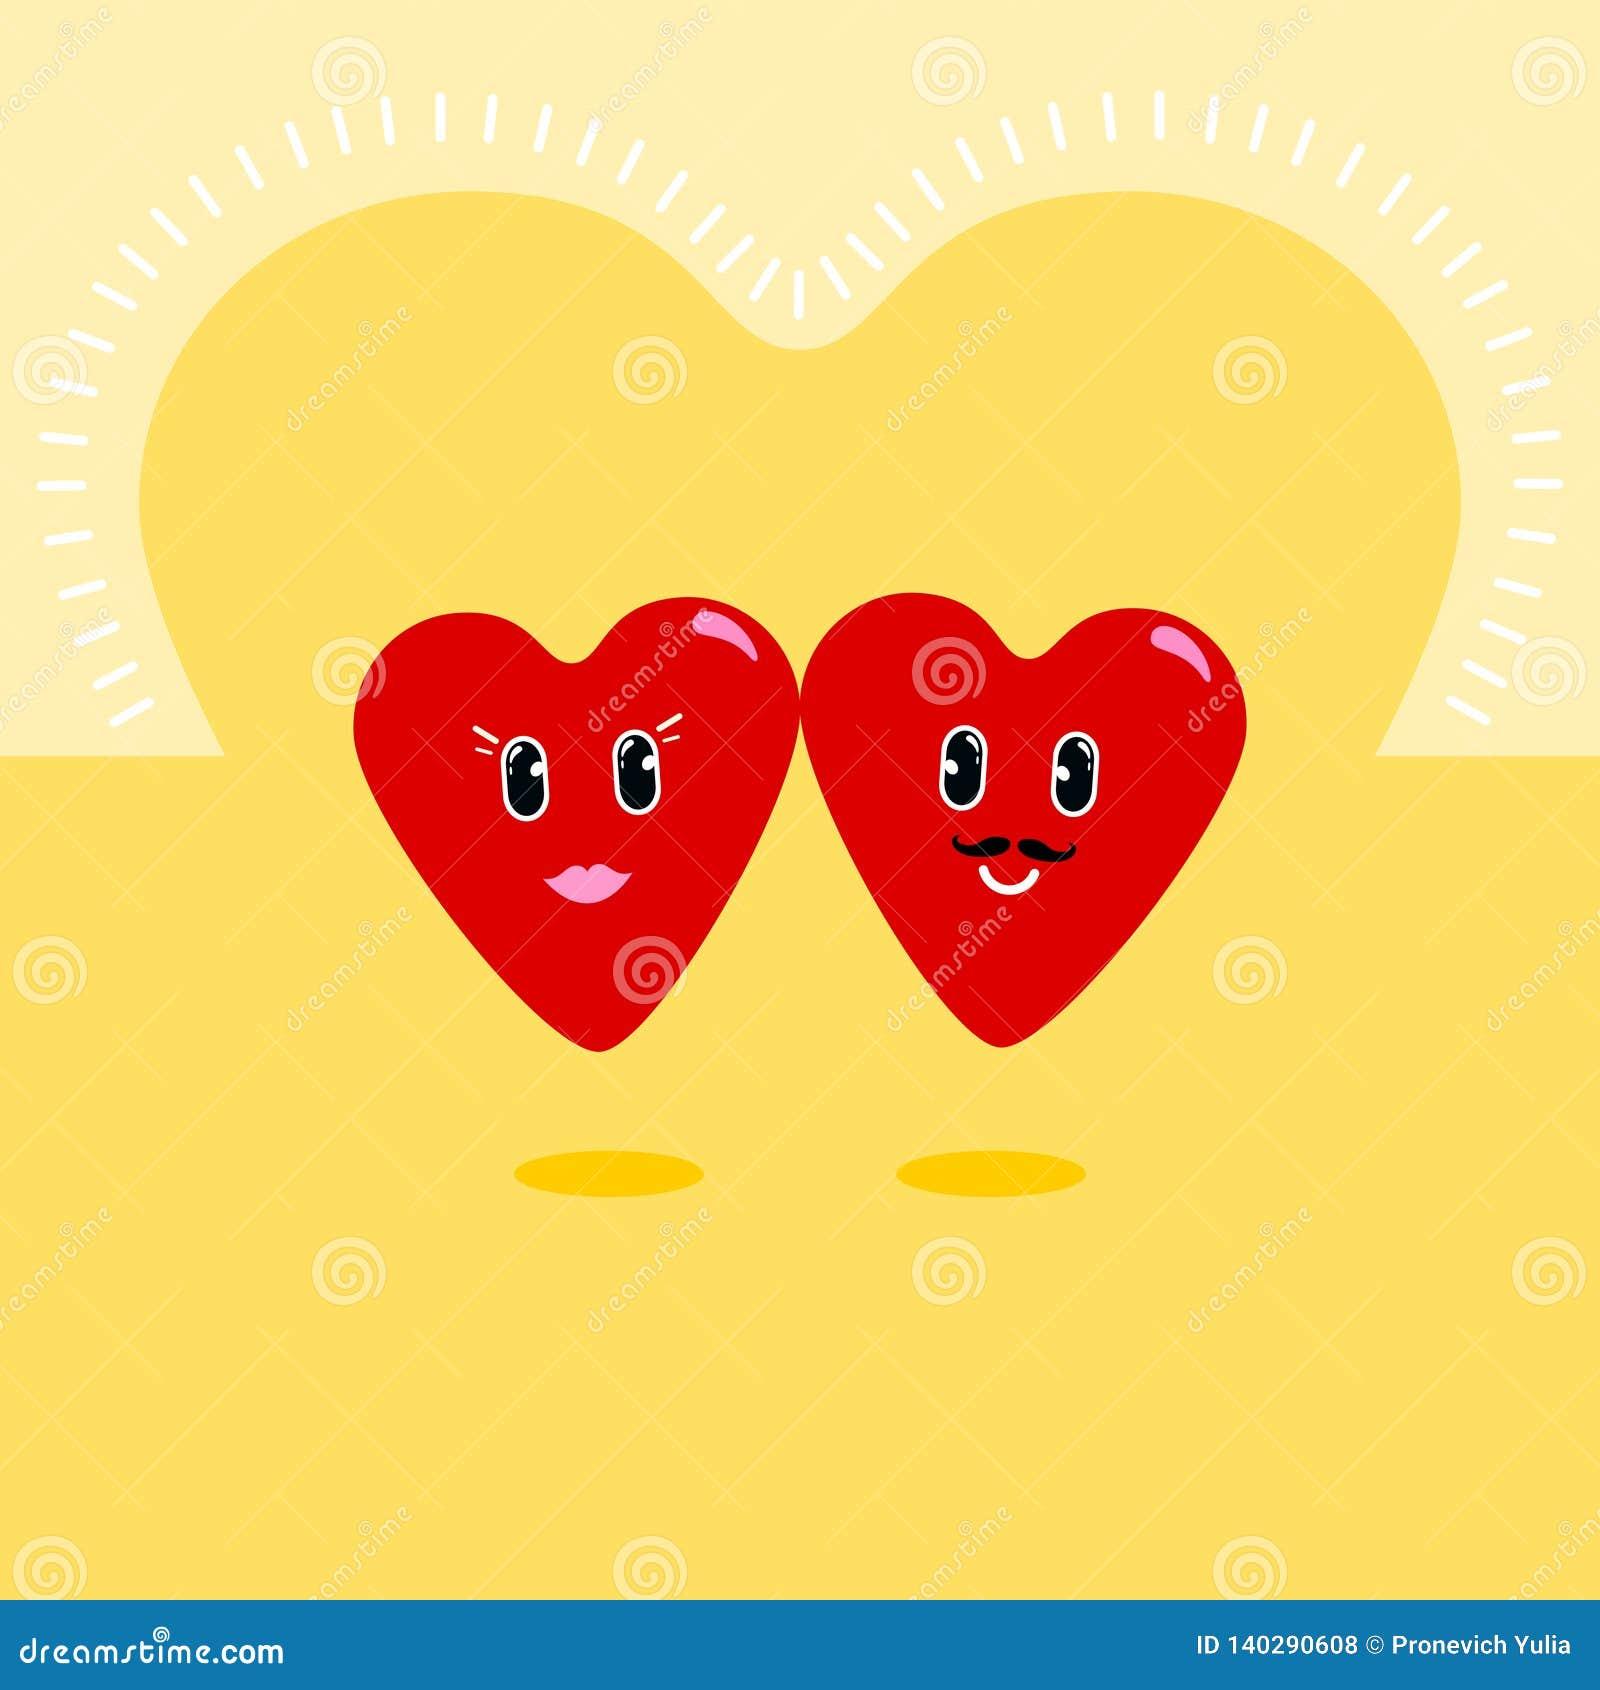 Corazón Personajes de dibujos animados con diversas emociones Iconos emocionales emoticon Un sistema de emociones Vector